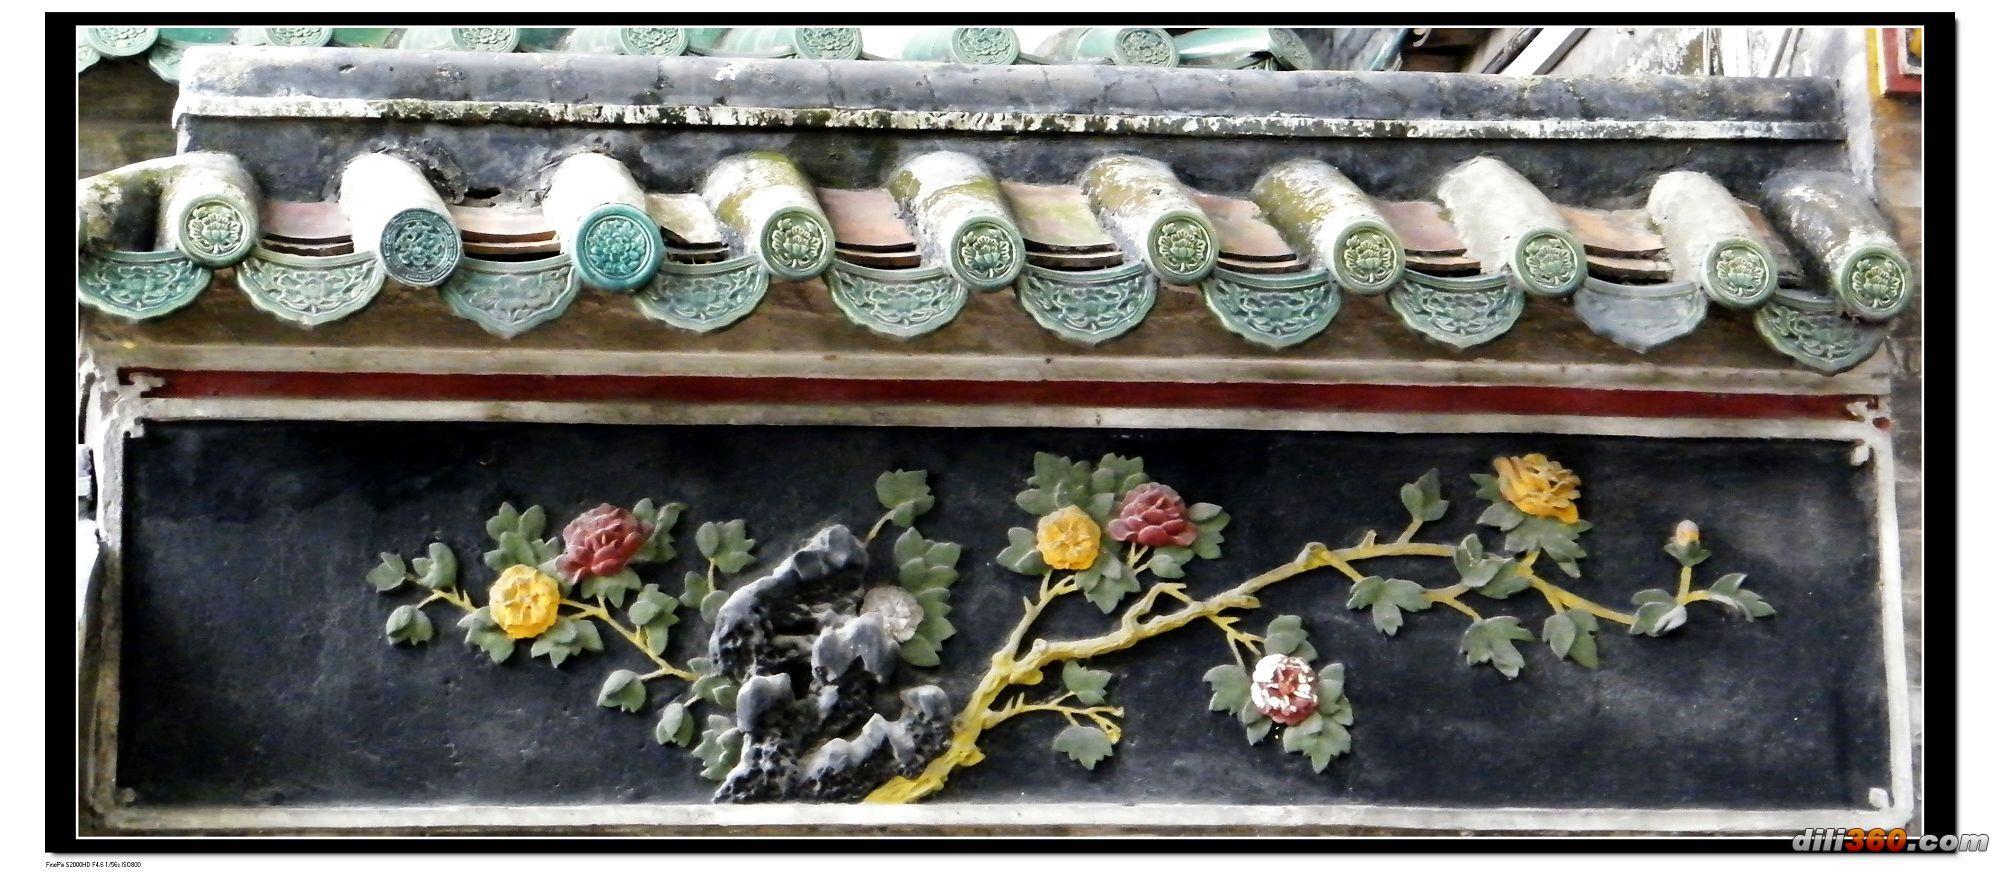 行将绝版的岭南灰塑艺术:装饰与实用齐飞